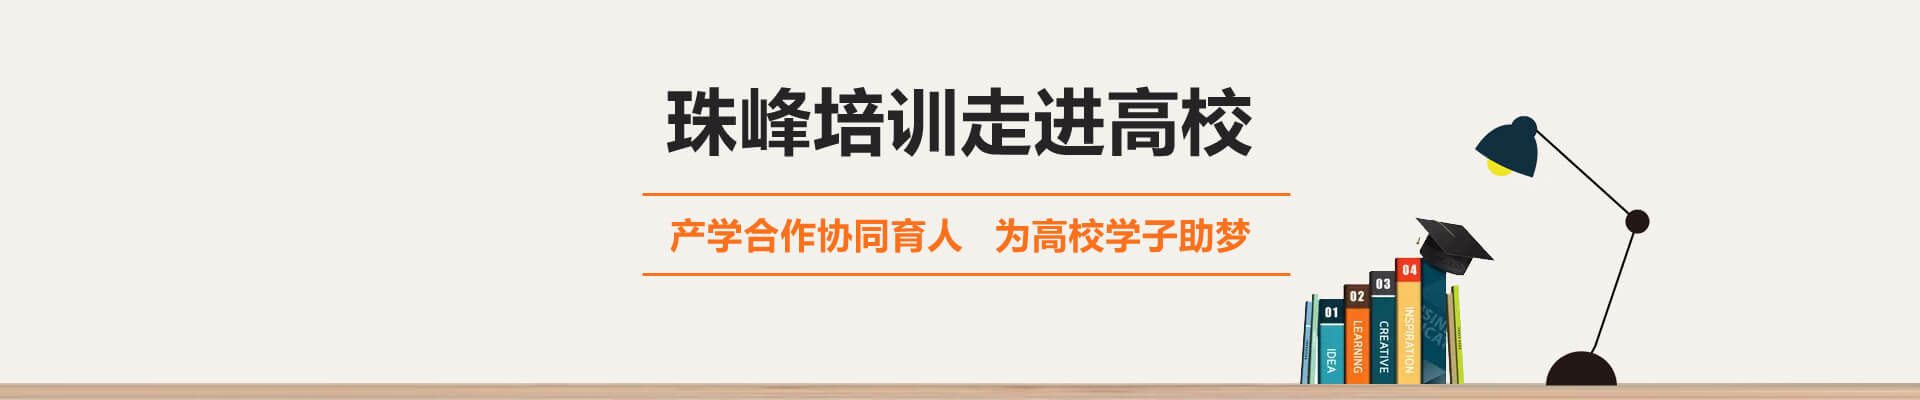 珠峰培训走进高校,产学合作协同育人,为高校学子助梦